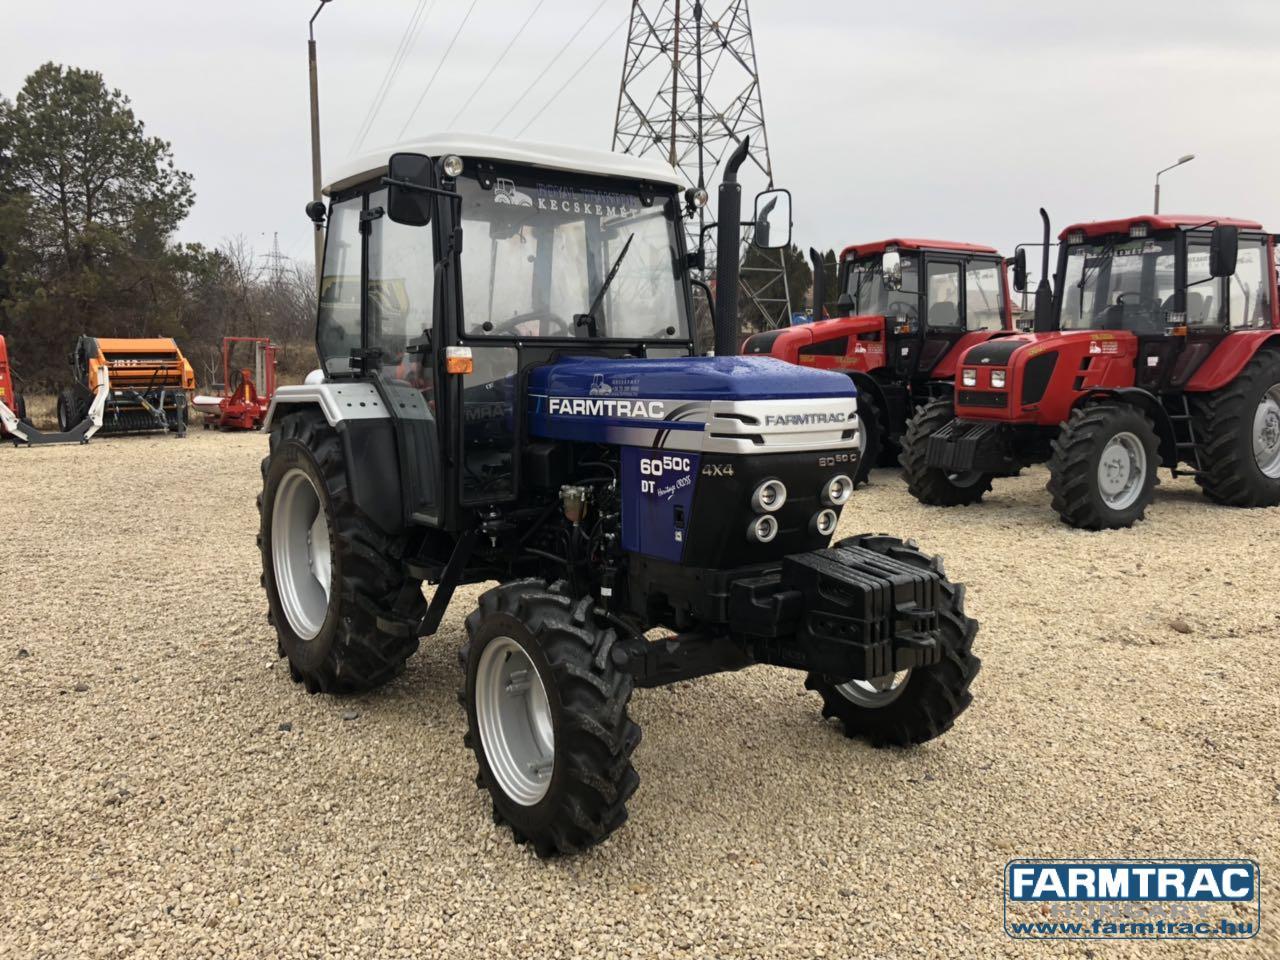 Megjelentek a Farmtrac 26, 30 és a 6050 modellek kabinos változatai!